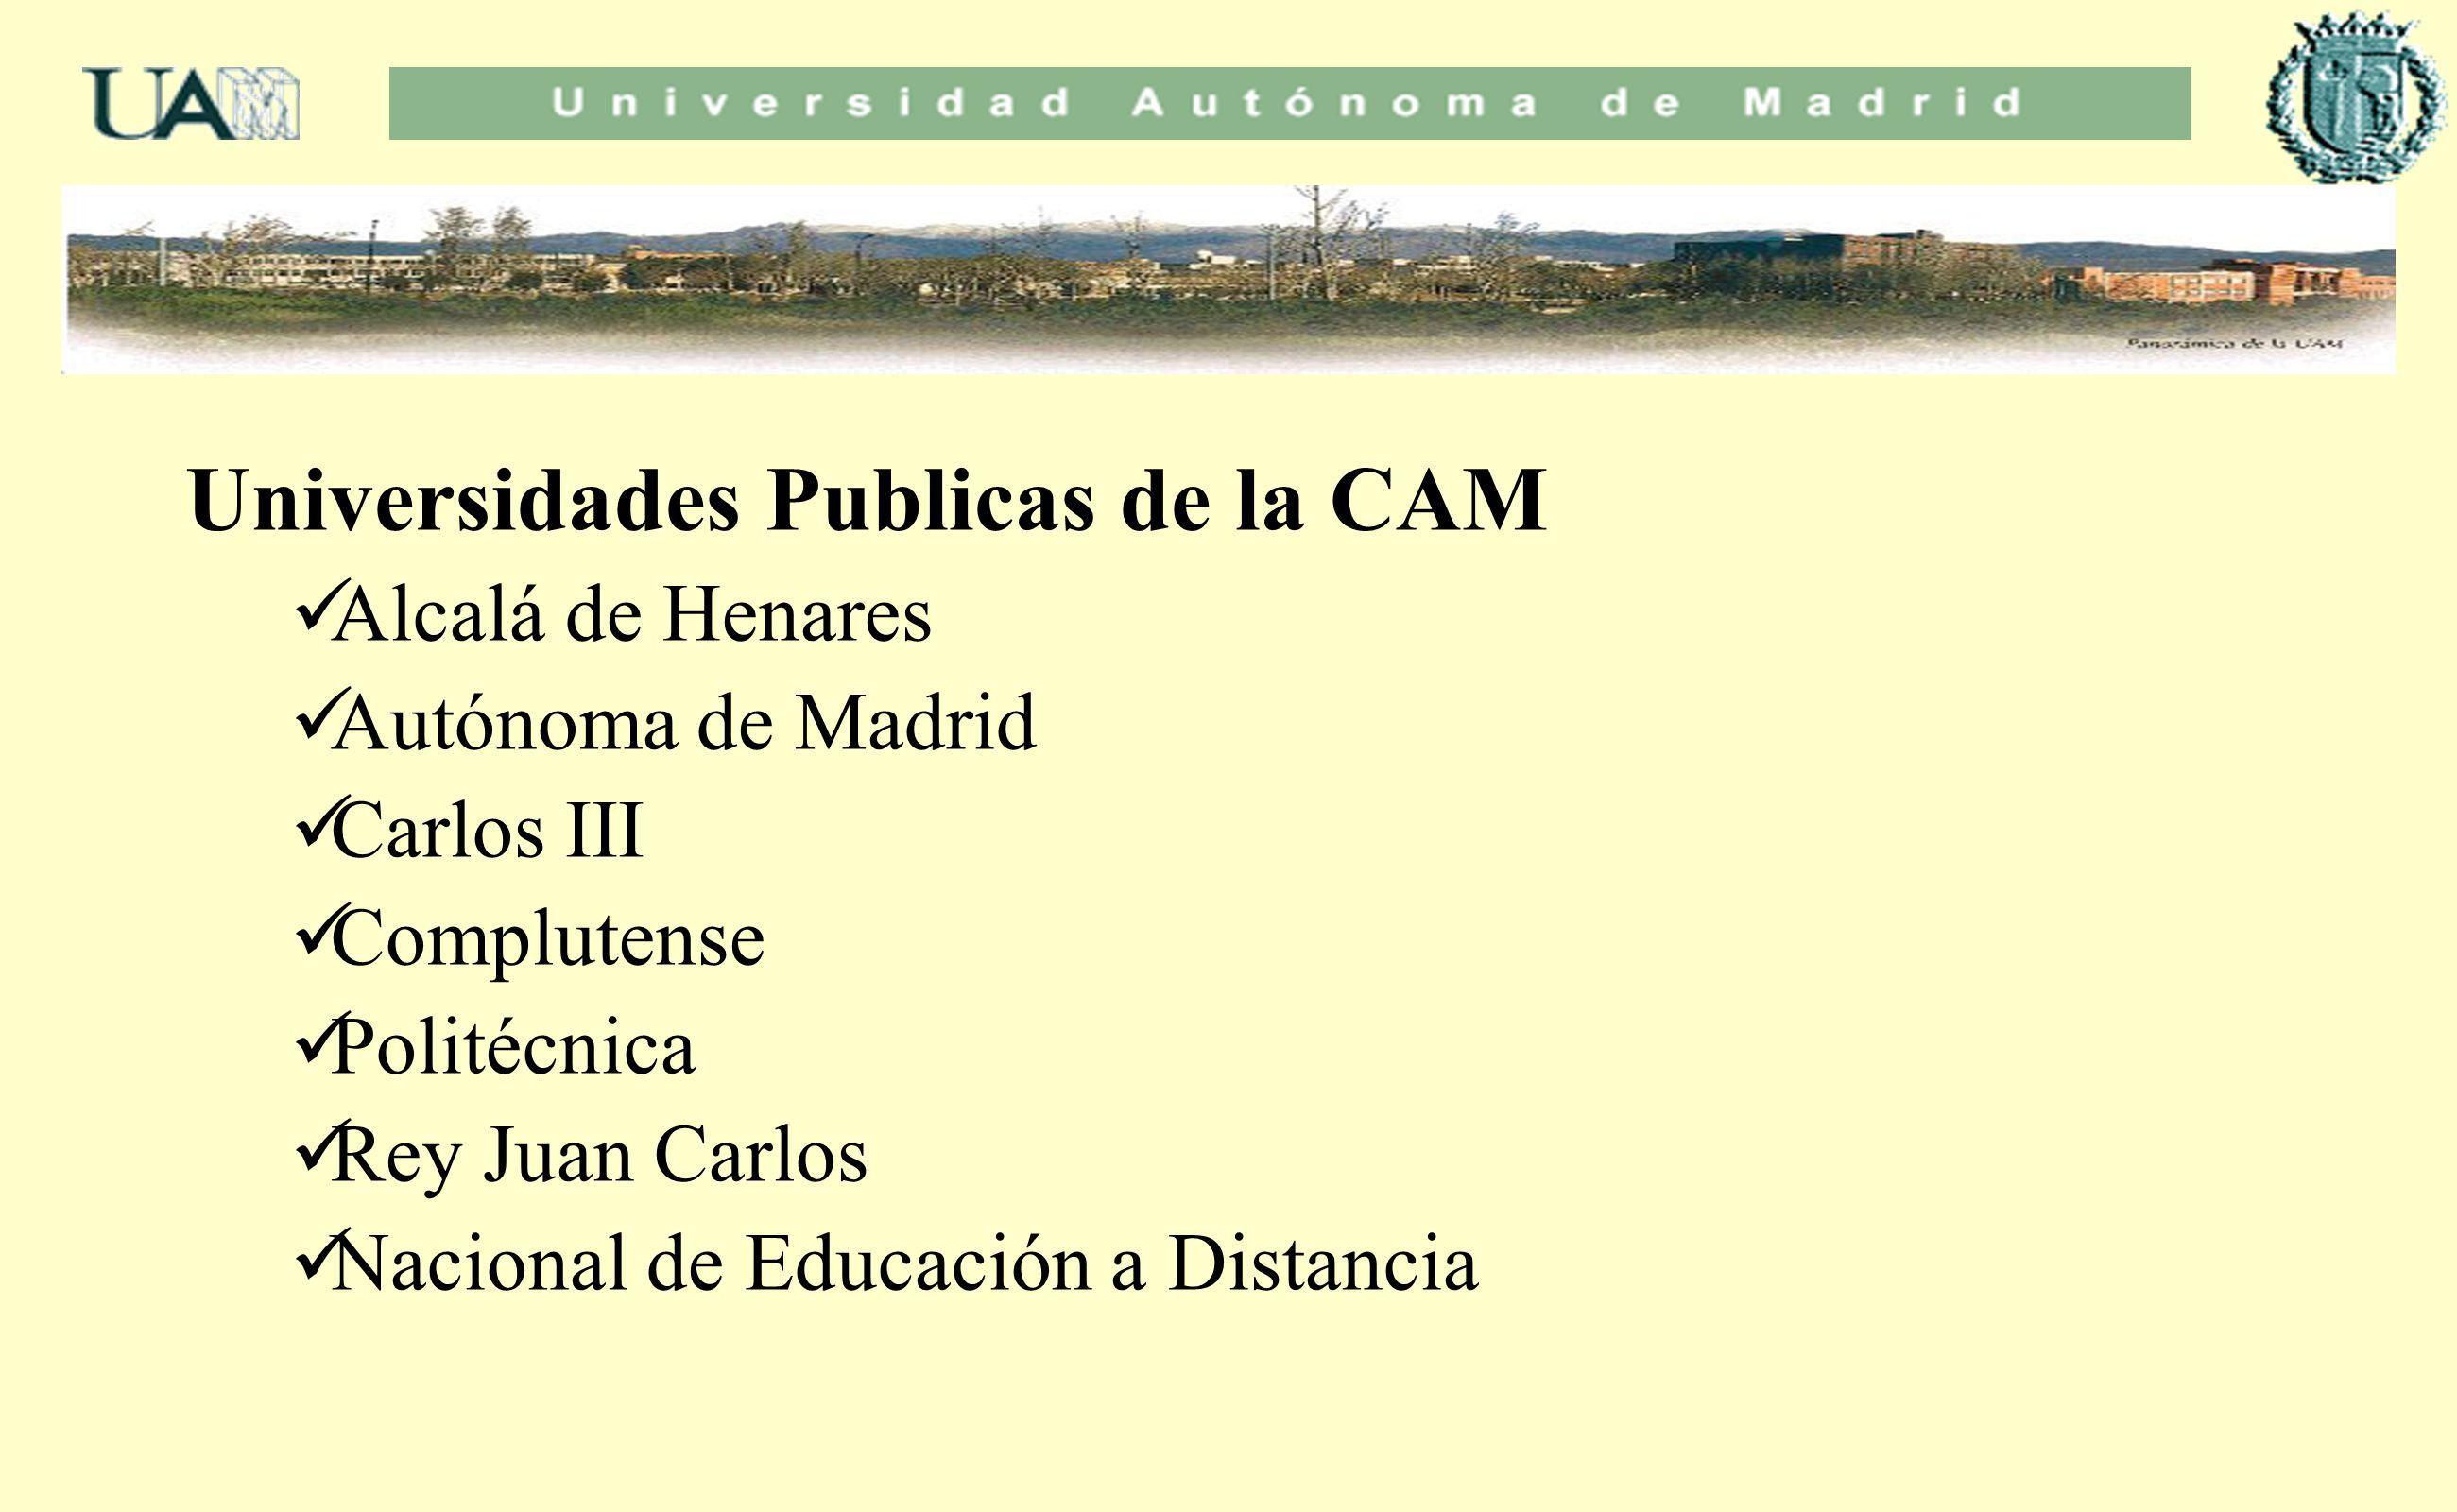 Universidades Publicas de la CAM